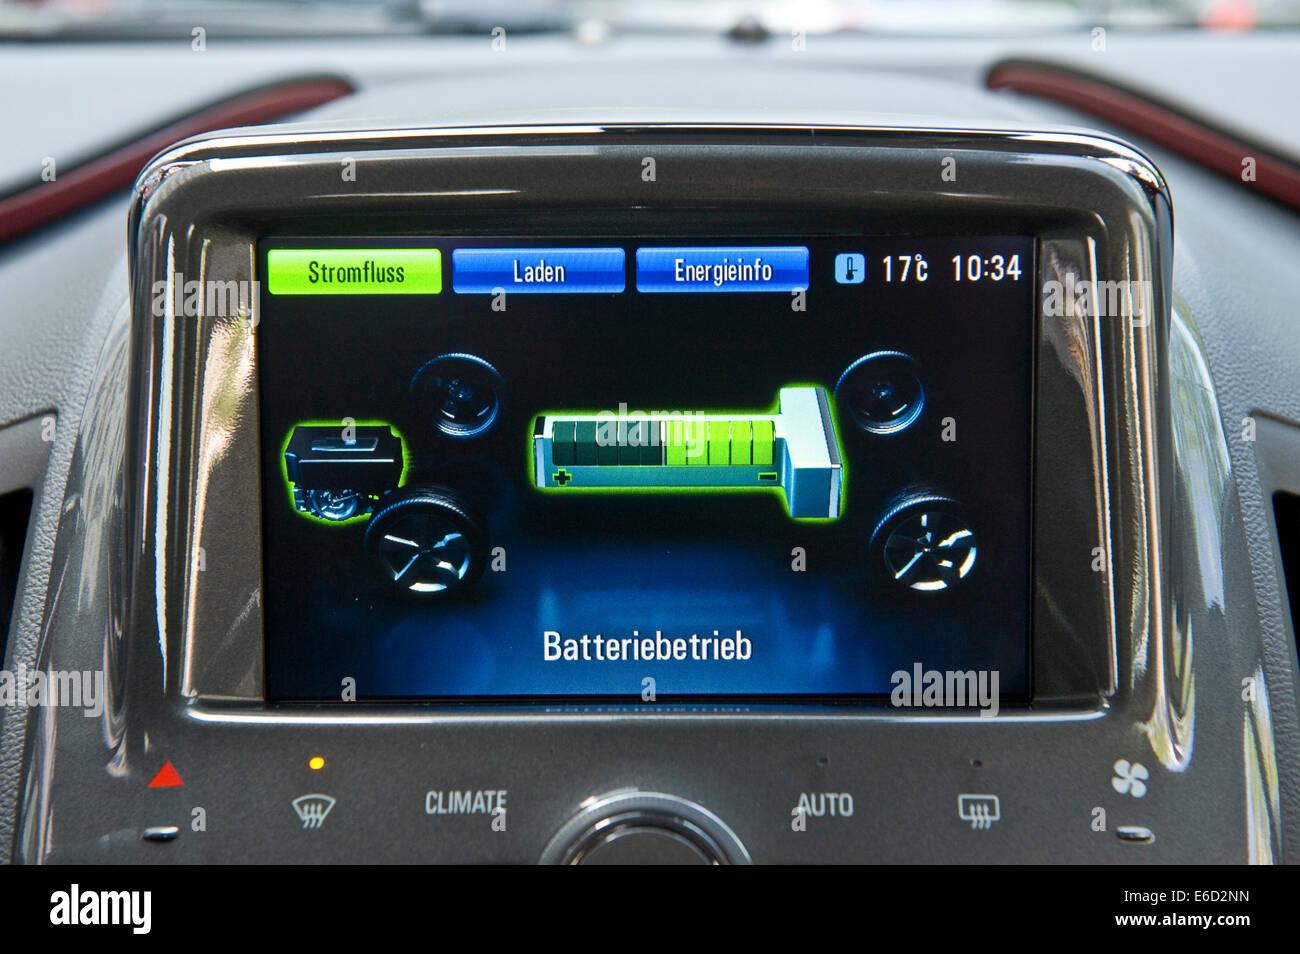 Affichage en mode batterie, l'Opel Ampera, voiture électrique, Allemagne Photo Stock